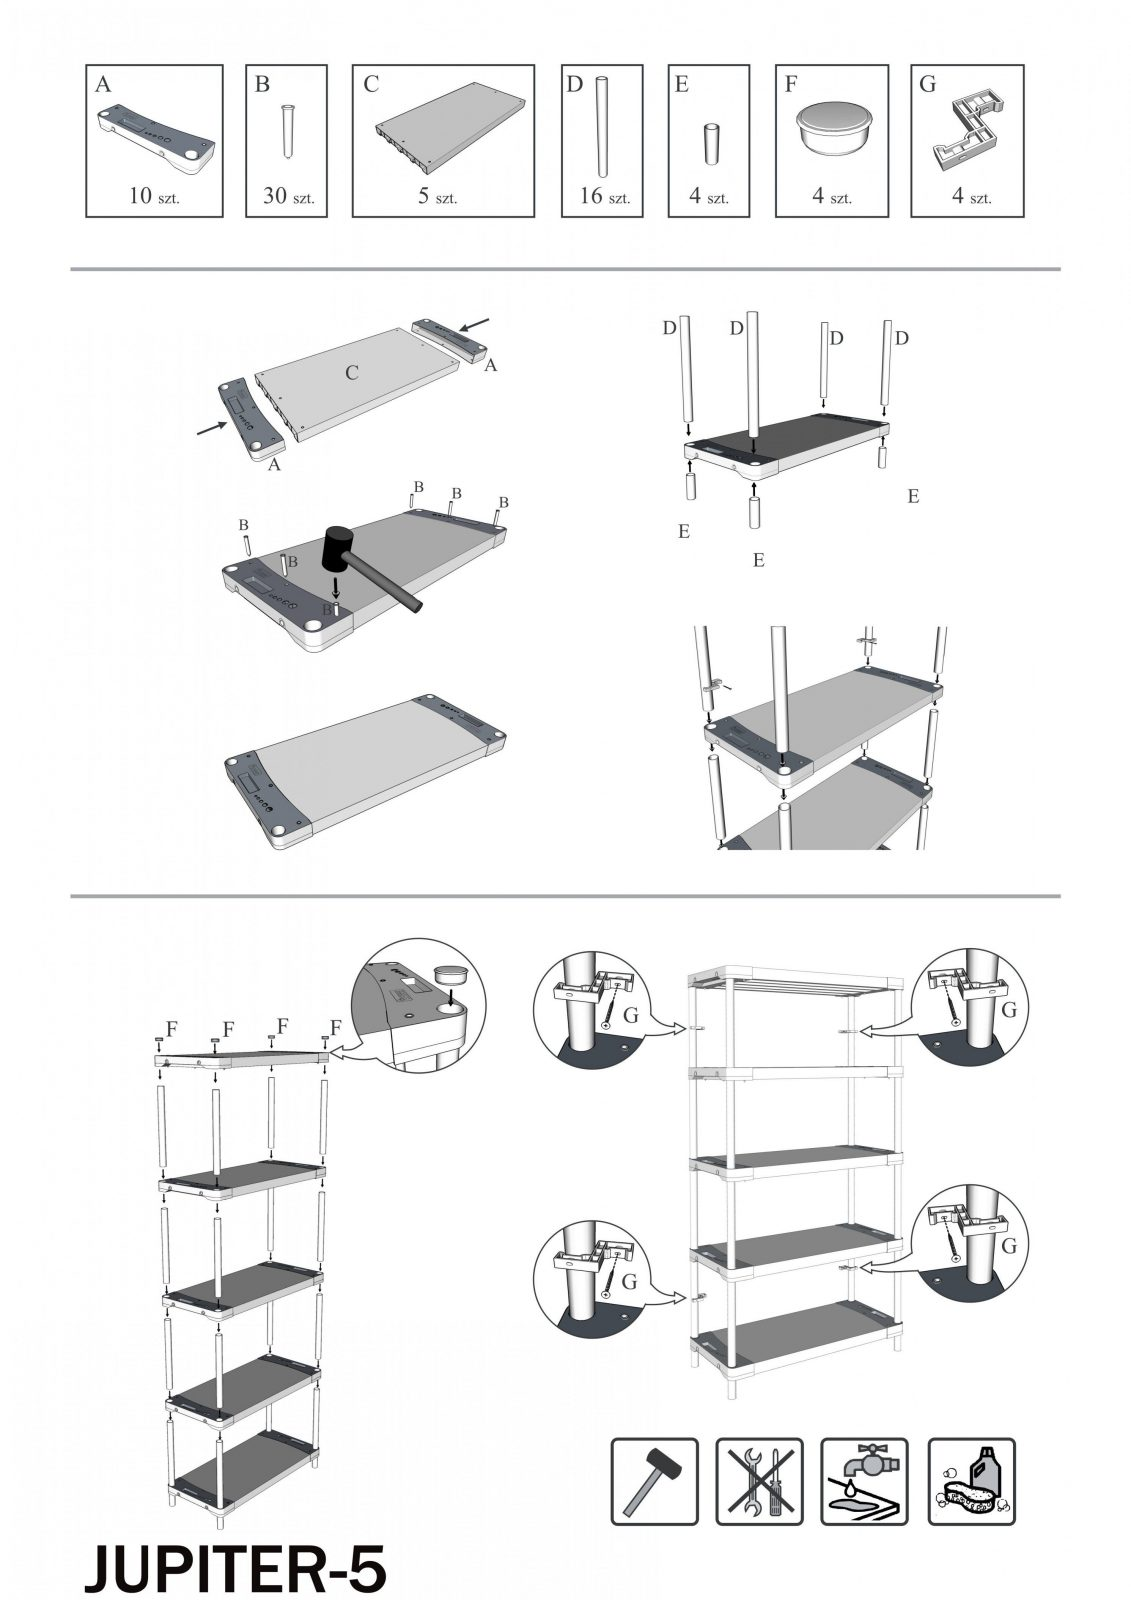 Ikea Kellerregal Ikea Kellerregal  Ikea Pax Xx Cm Anordning Til von Ikea Ivar Regal Montageanleitung Photo